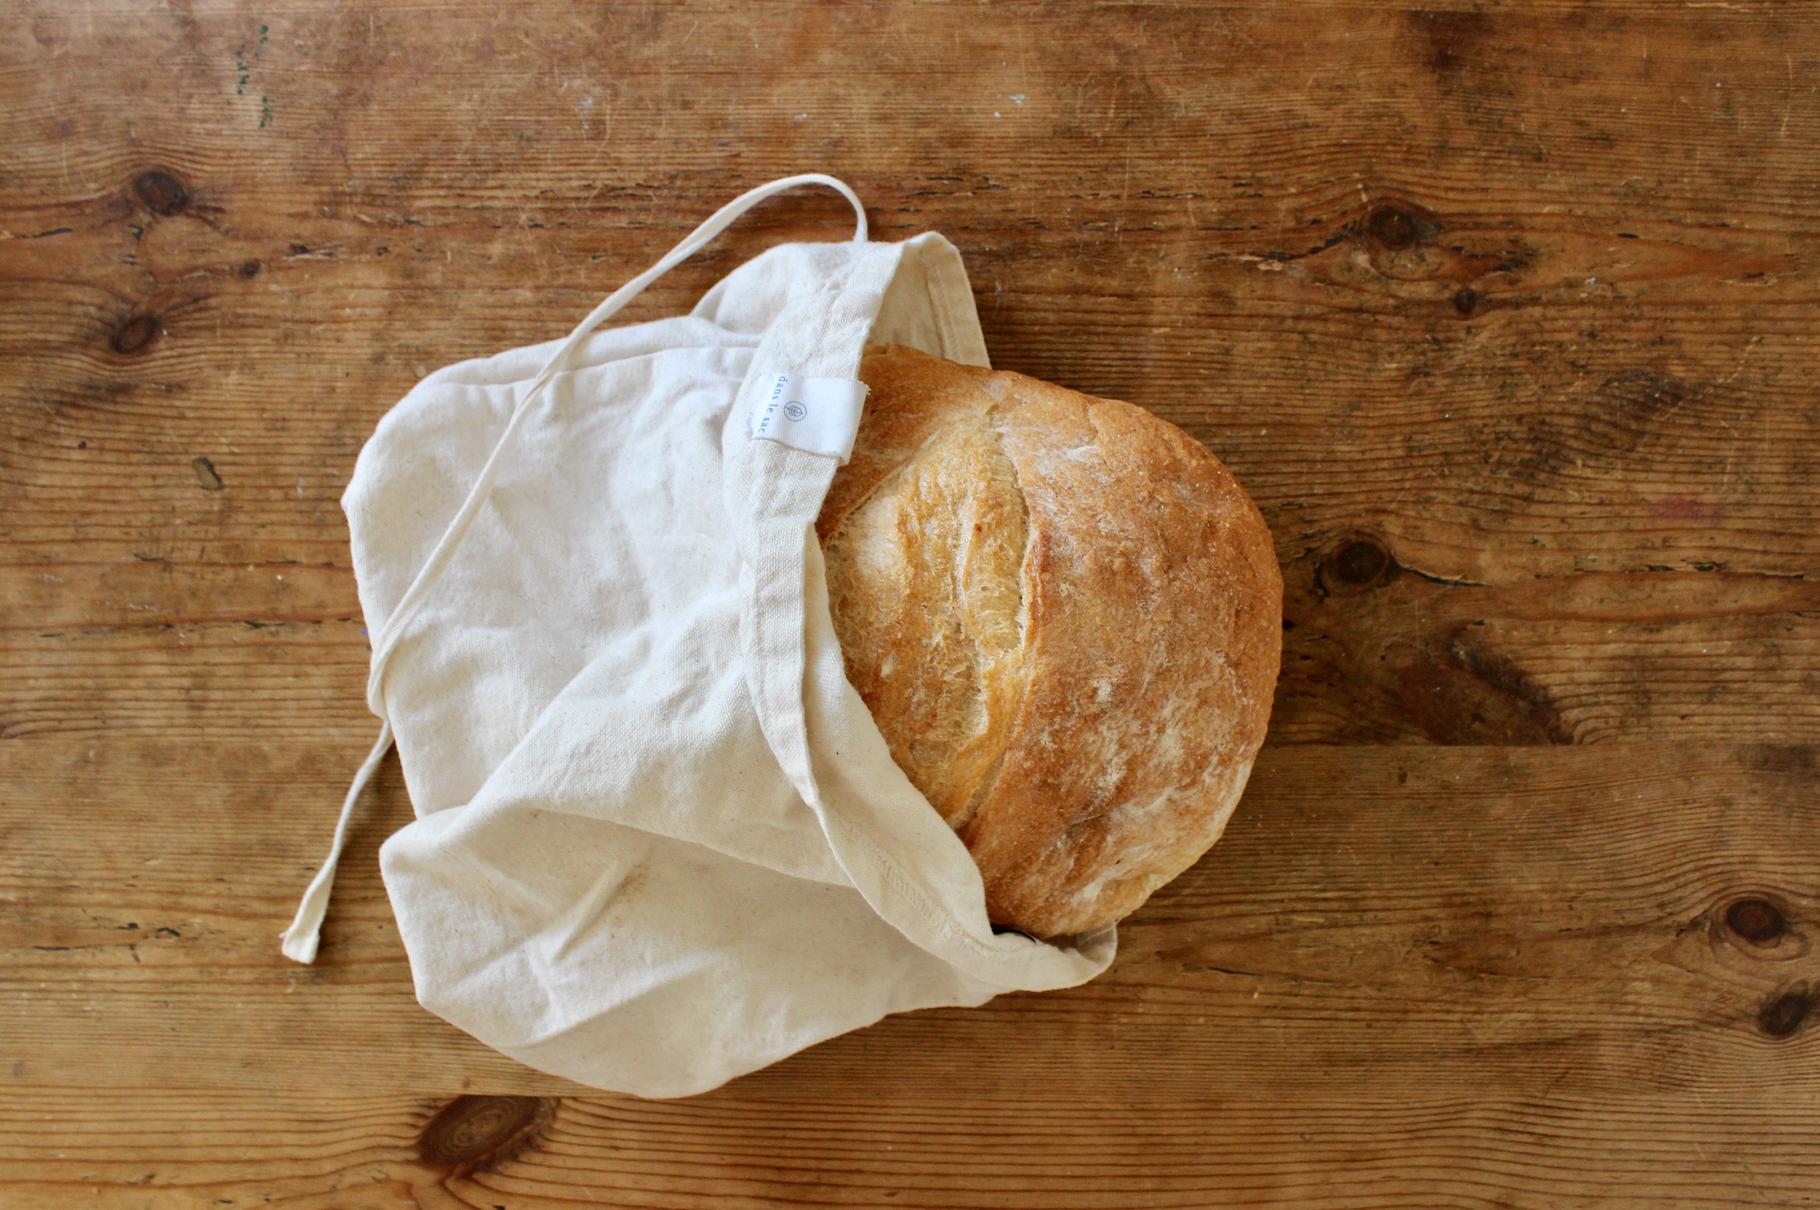 Plastic free bread storage | Zero waste kitchen